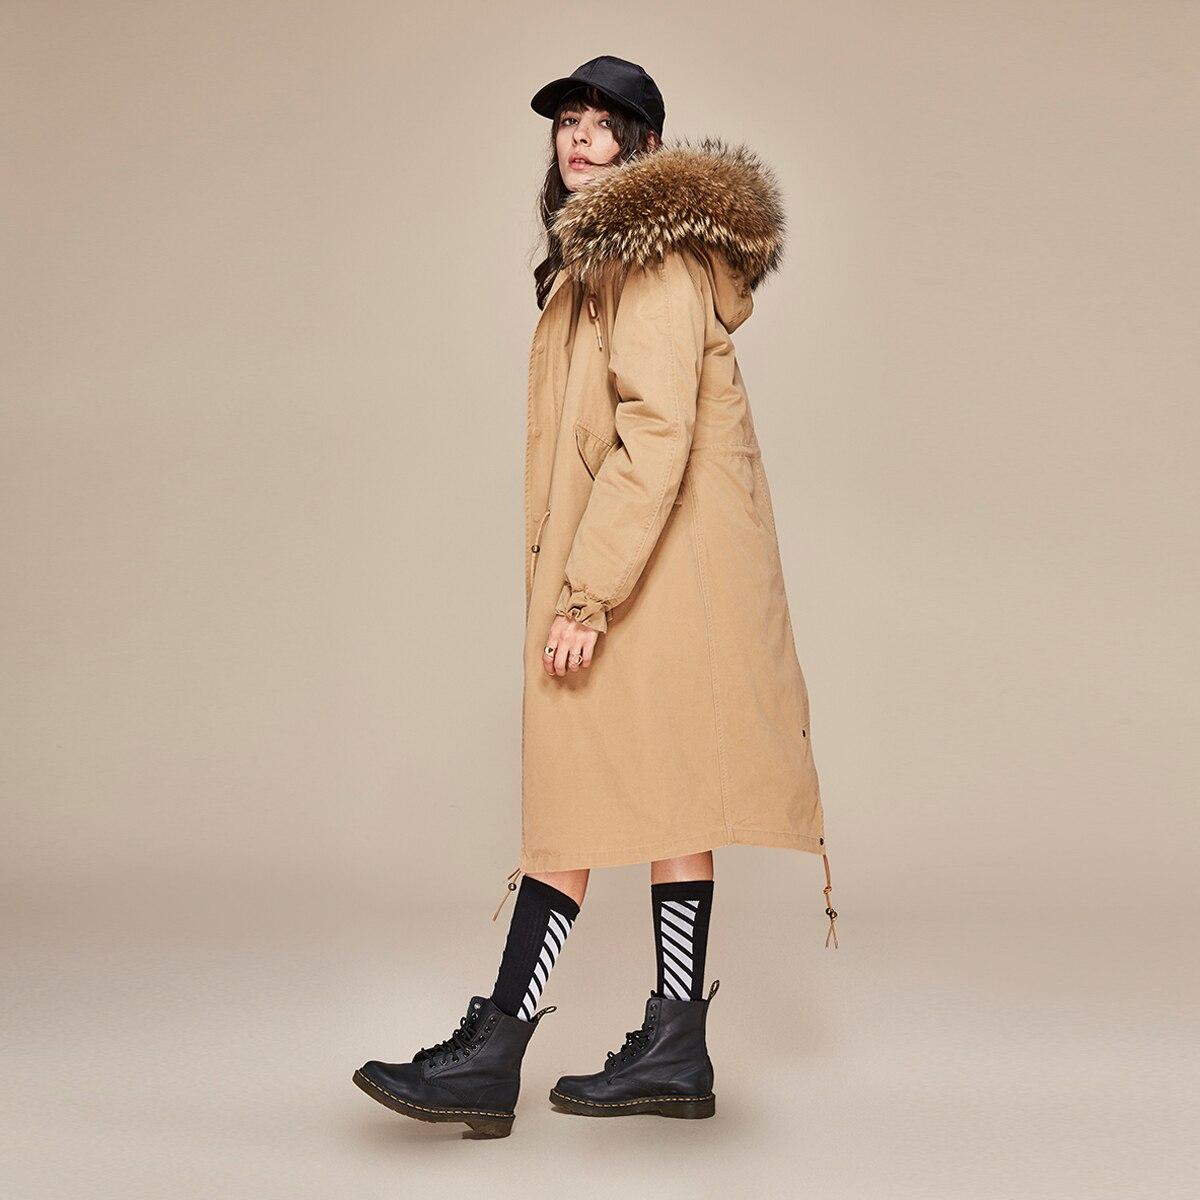 Модное белое теплое пальто с меховым воротником и капюшоном, Женская длинная куртка, новинка 2019, зимний свободный пуховик, плотное пальто, ж... - 4